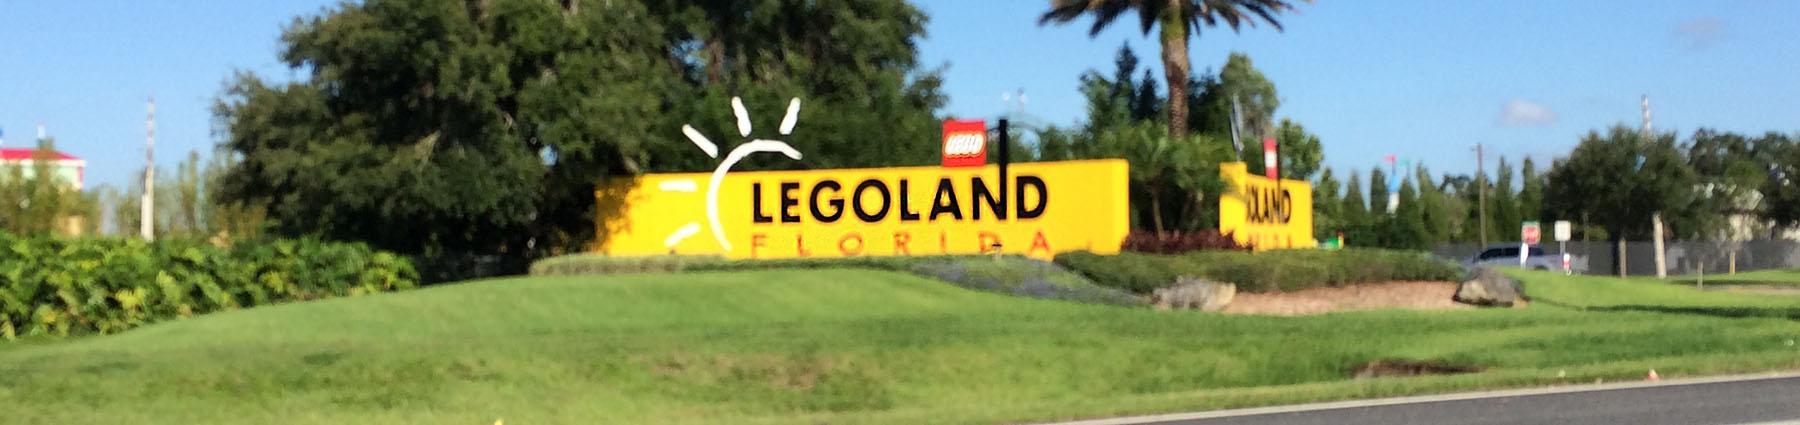 LegoLand in Winterhaven, FL